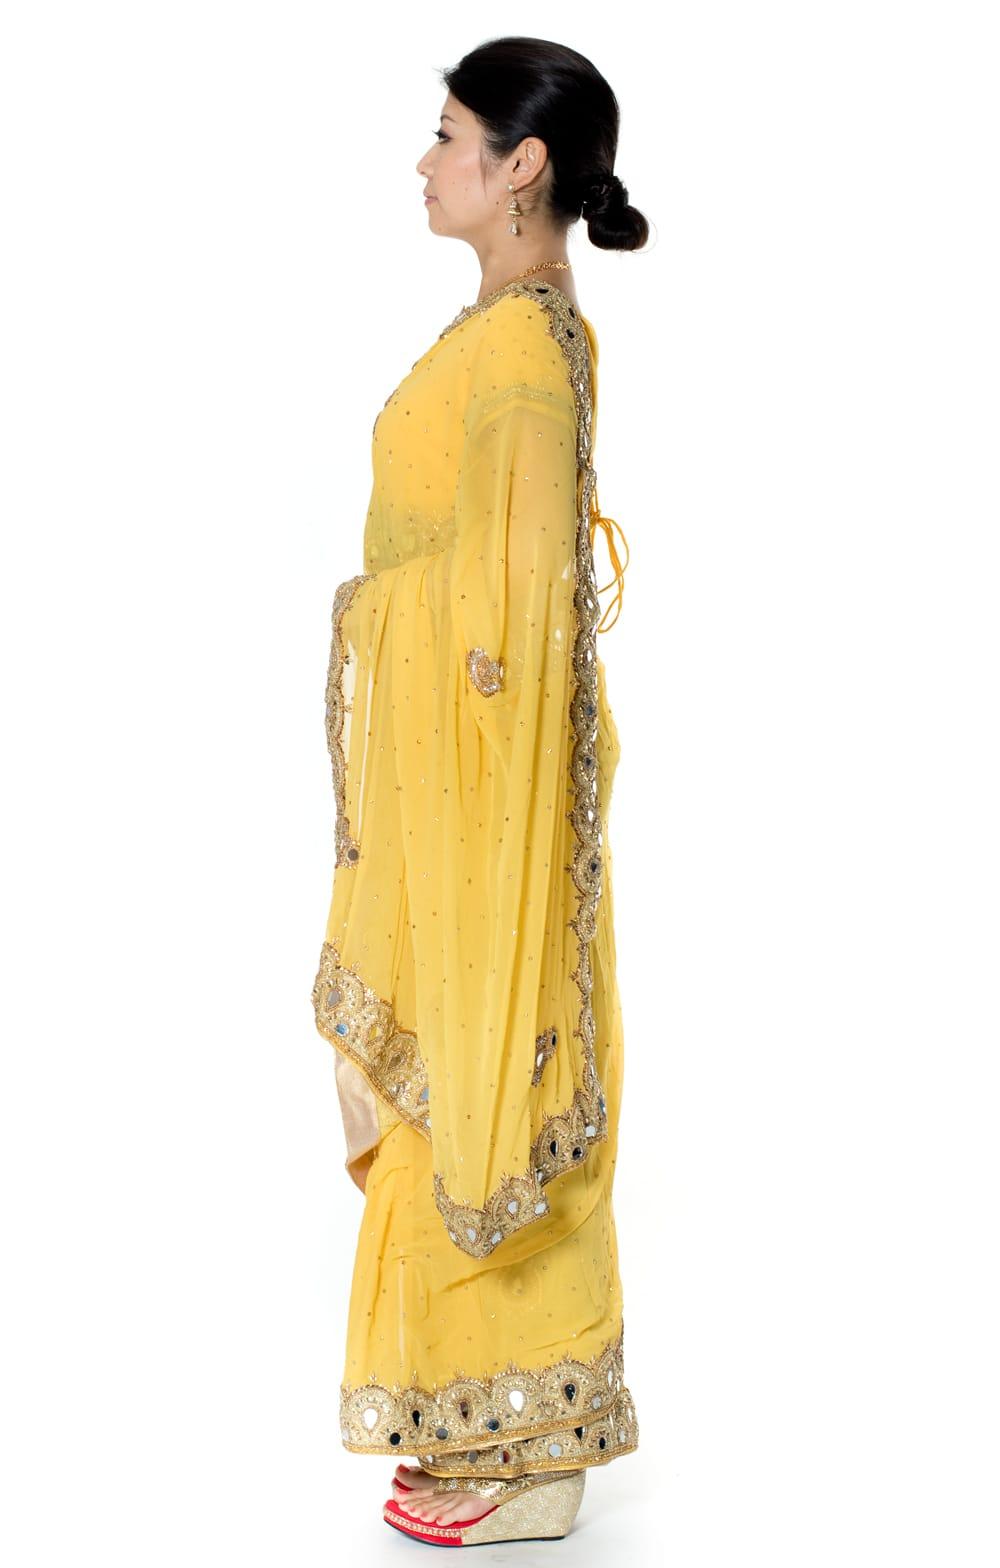 【一点物】ミラーワークと刺繍の婚礼用ゴージャス ジョーゼットサリー【チョリ付き】 - 黄色 2 - 横からの写真です